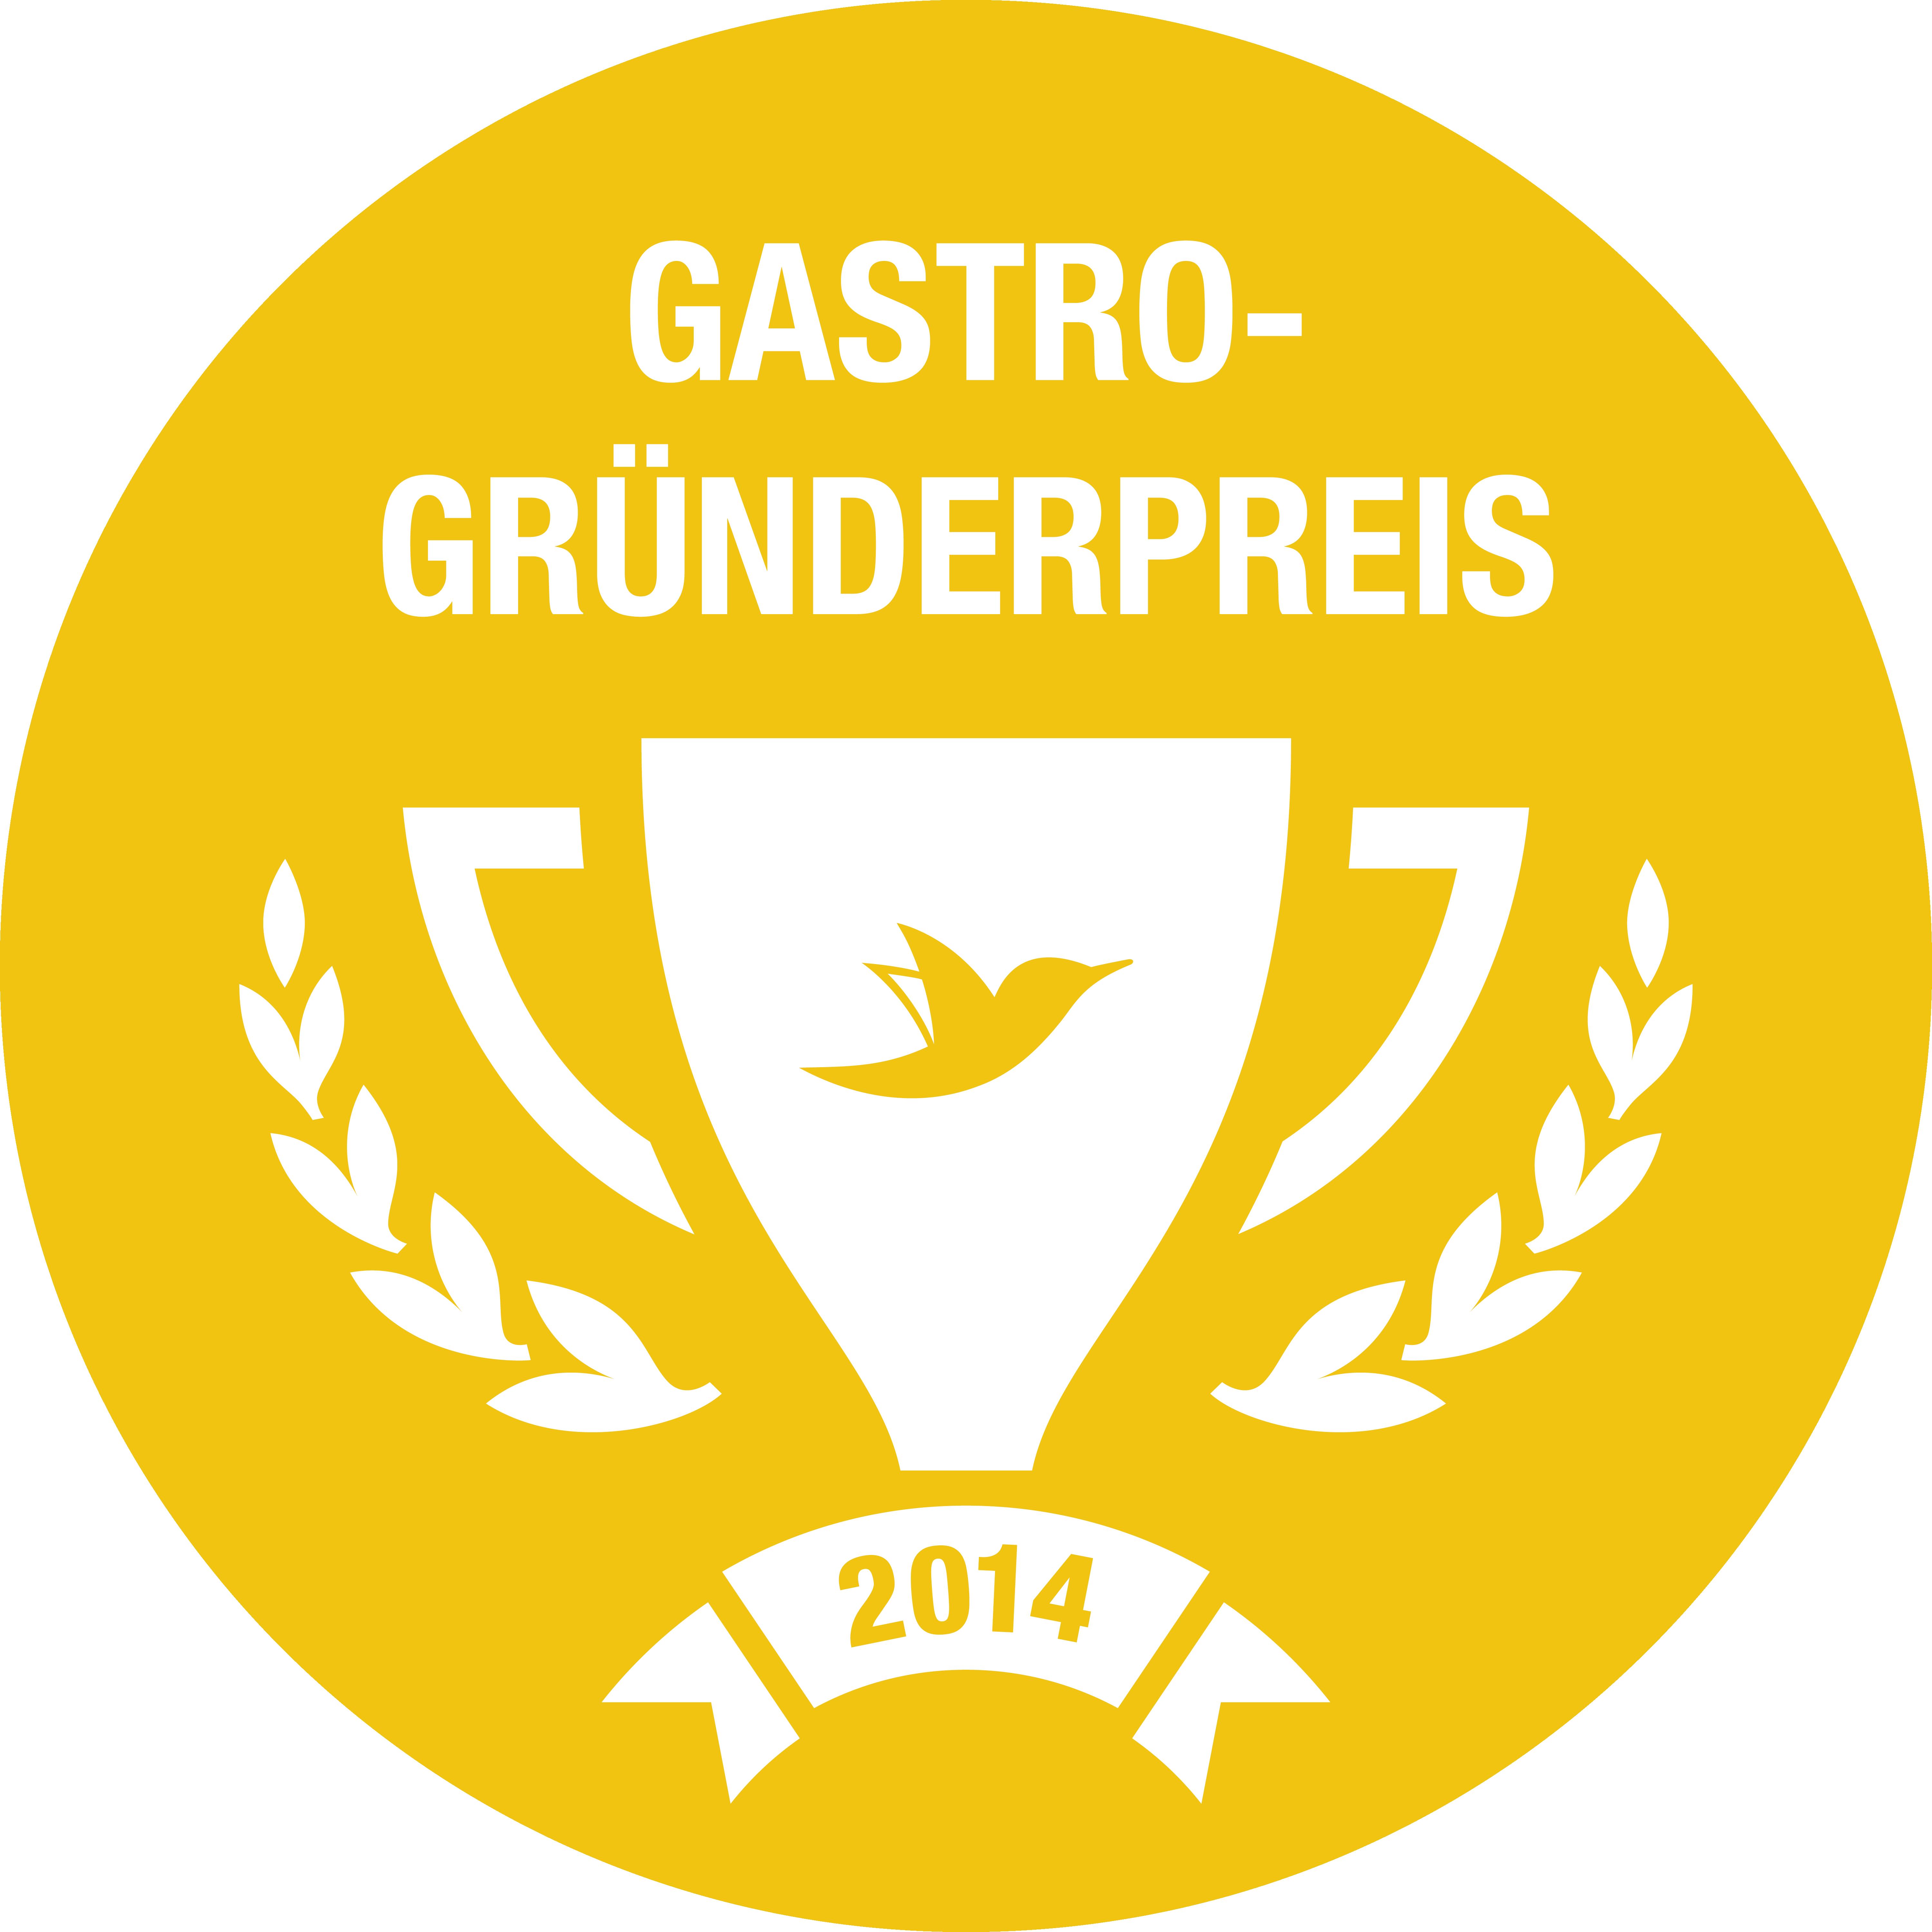 Gastro-Gründerpreis 2014: Gesucht werden die fünf besten gastronomischen Zukunftskonzepte